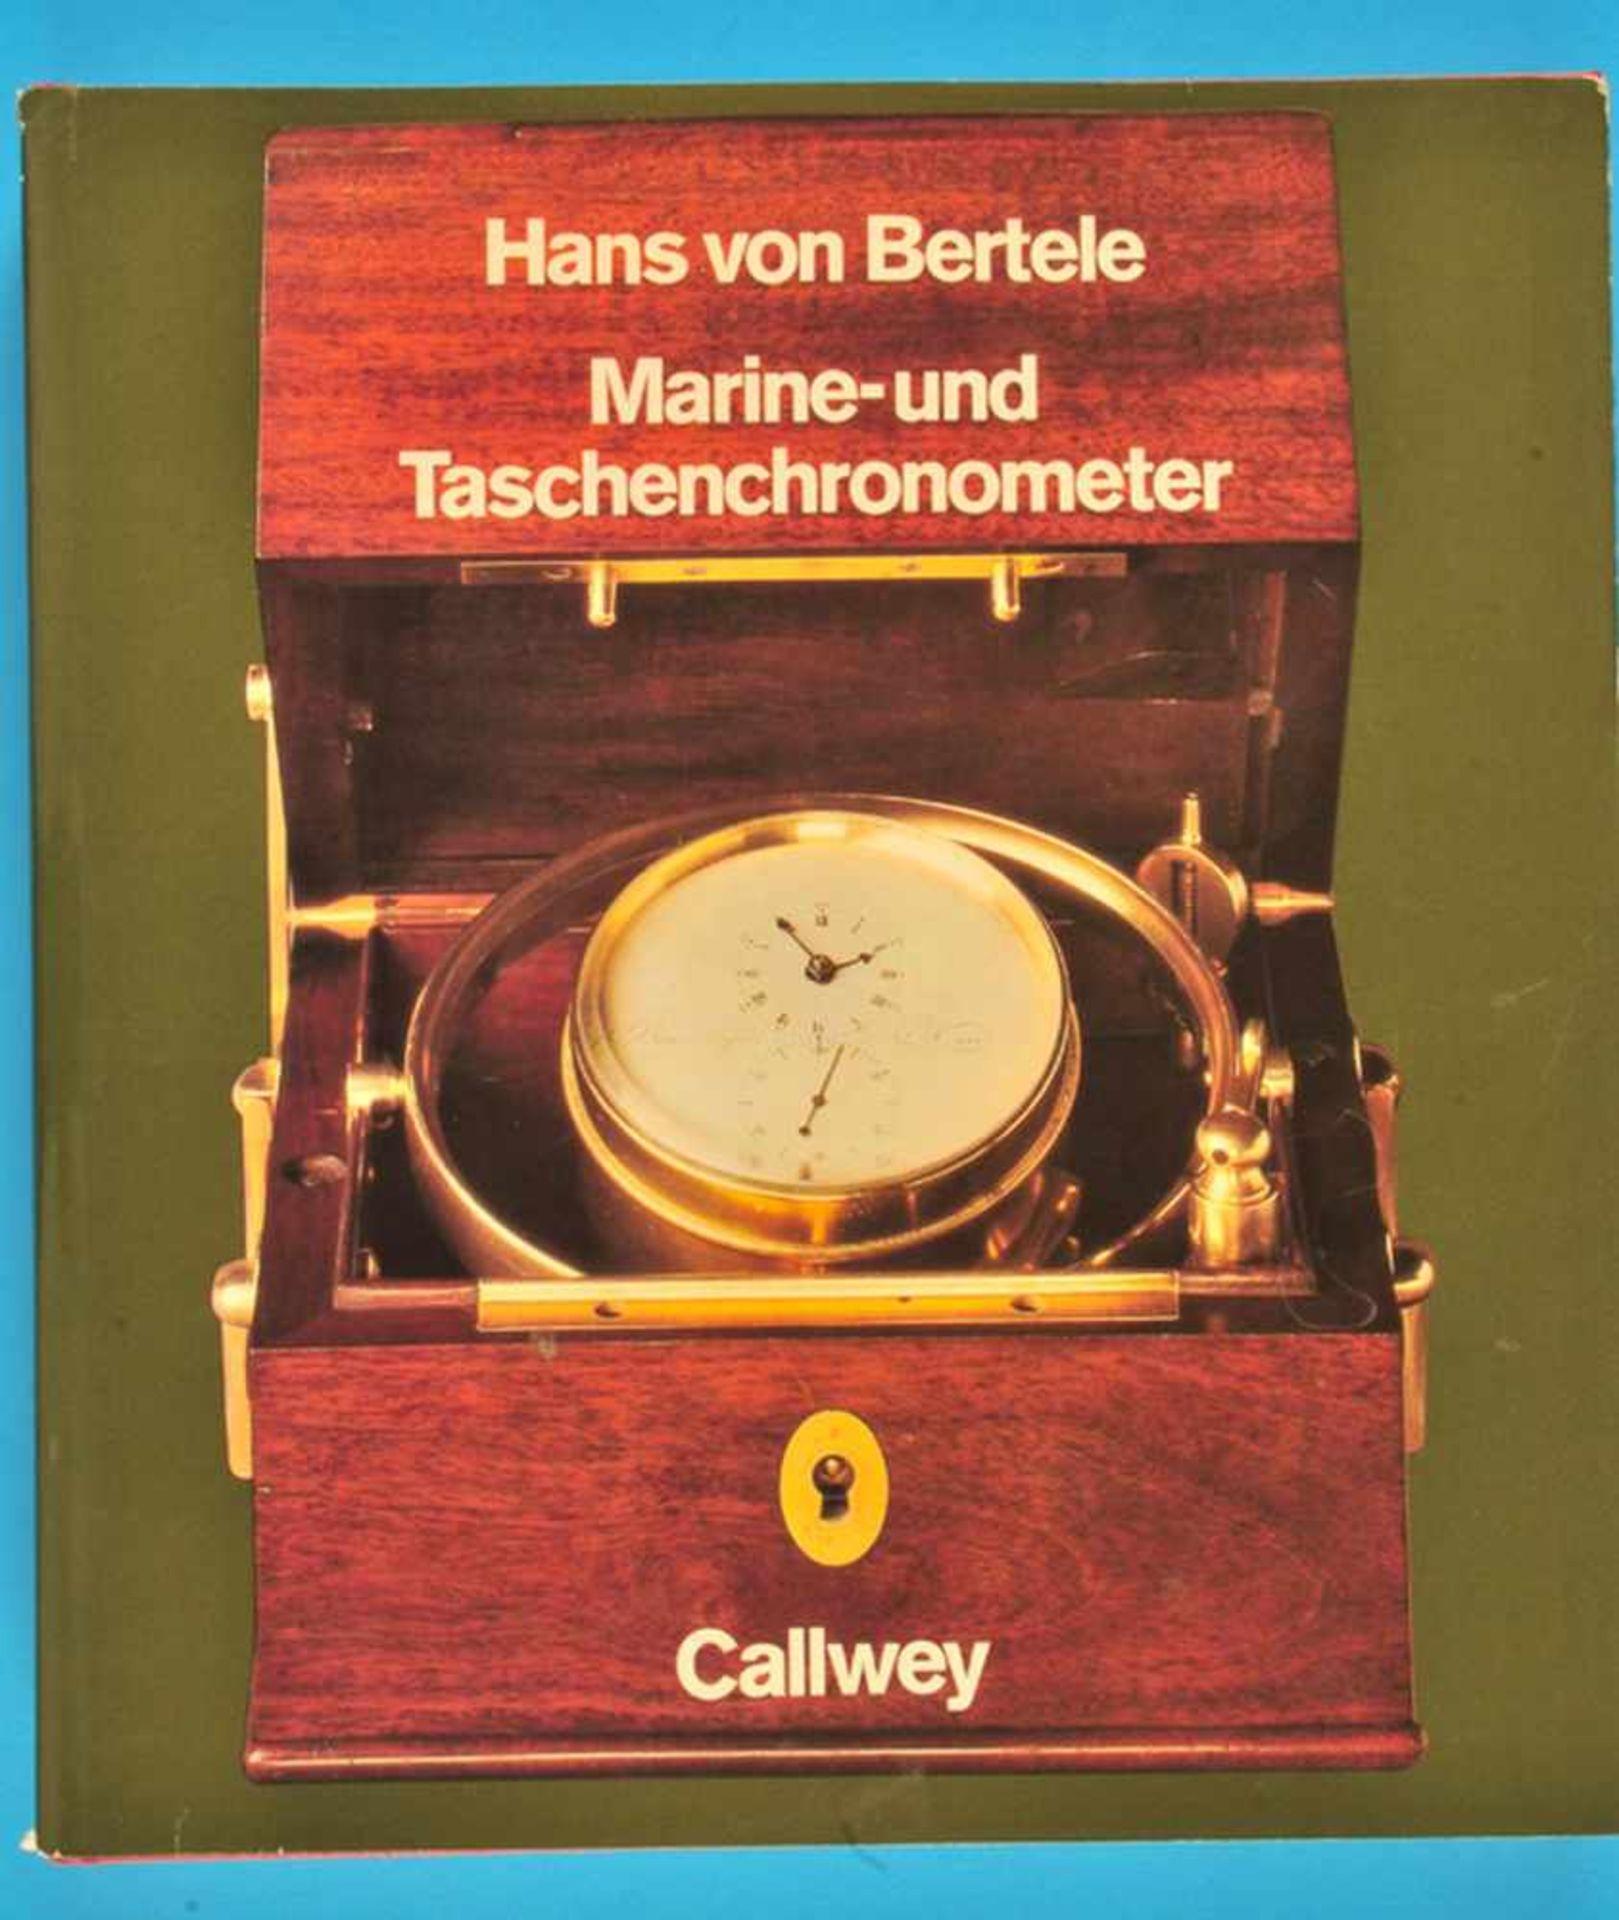 Hans von Bertele, Marine- und Taschenchronometer - Geschichte, Entwicklung, Auswirkungen, 1981Hans